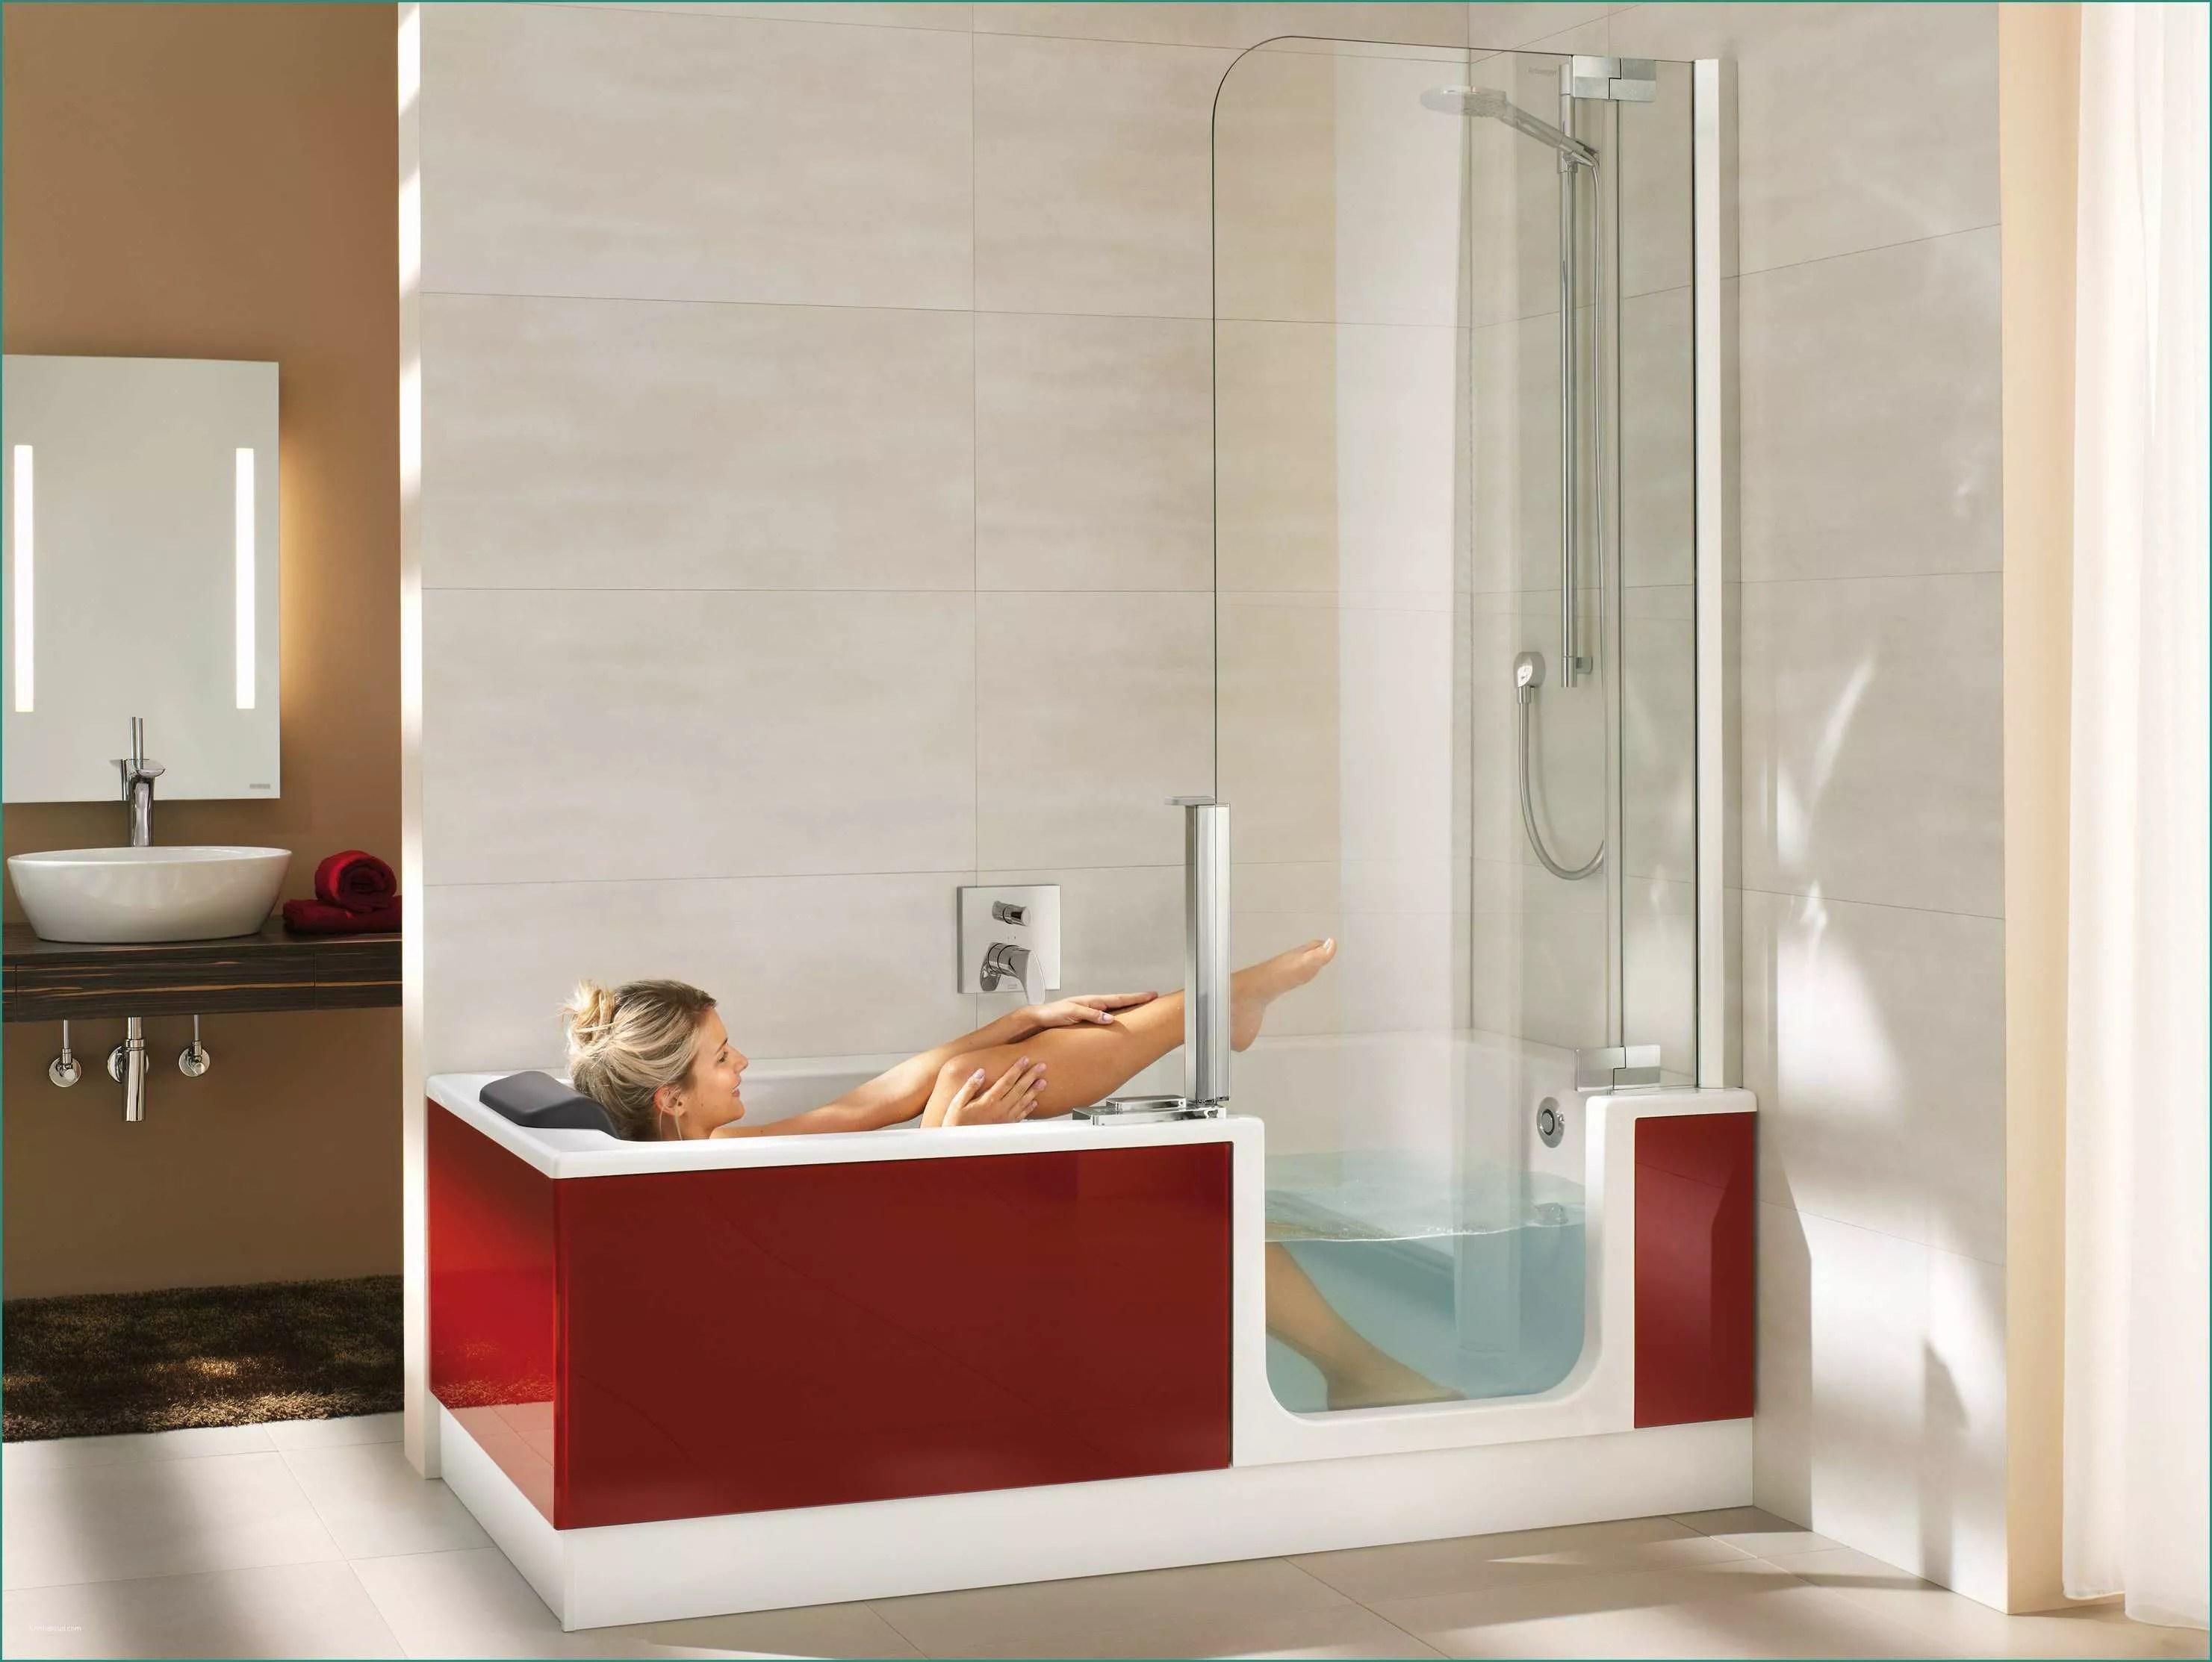 Vasca Da Bagno Con Seduta : Dimensioni vasca da bagno modelli per tutti vasche da bagno